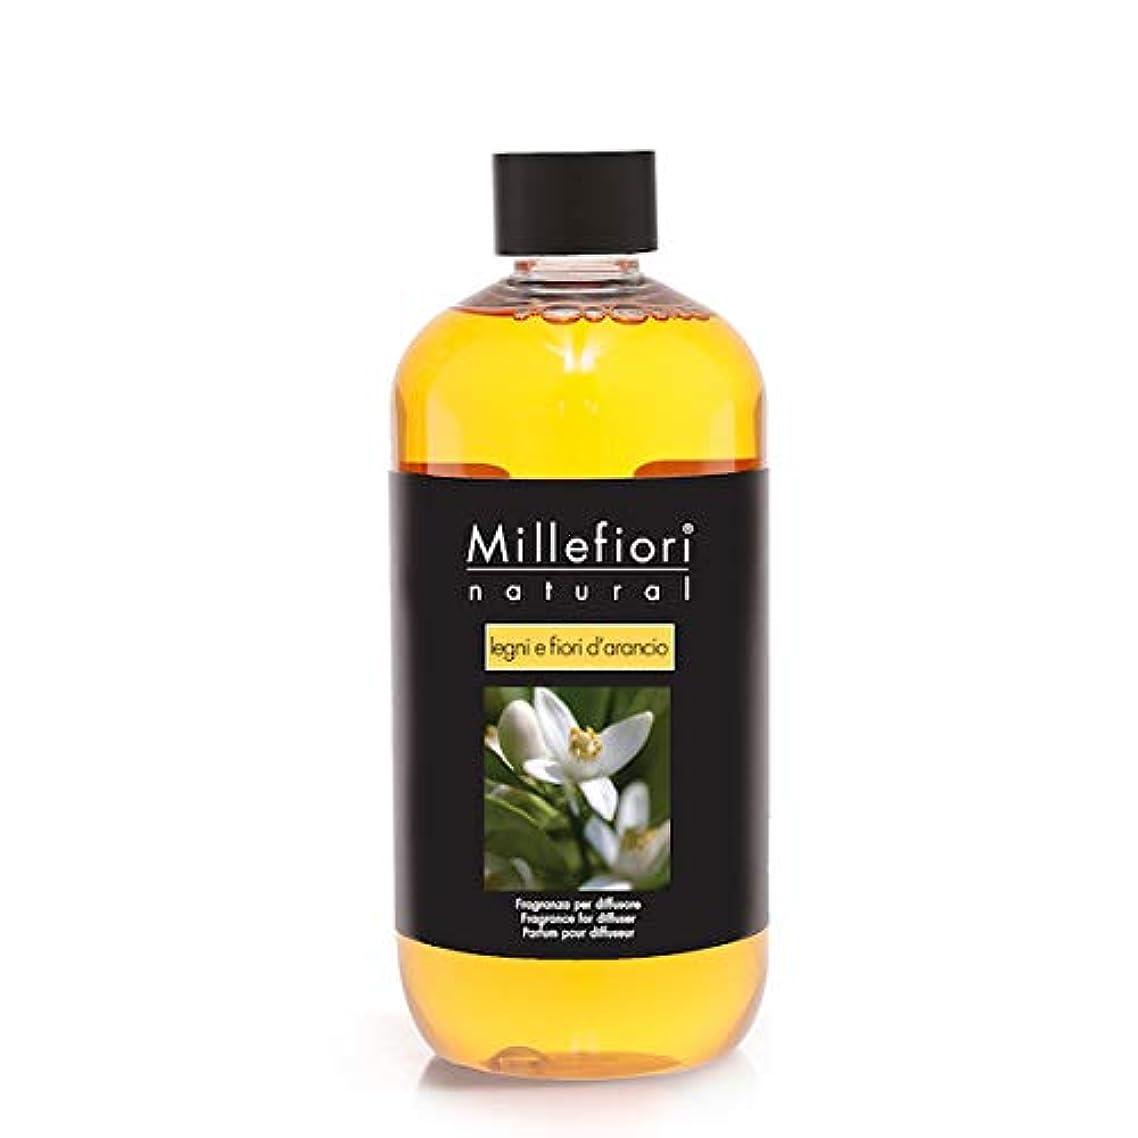 志す上院議員聞きますミッレフィオーリ(Millefiori) Natural レンニ エ フィオル ダランチョ(LEGNI E FIORE D'ARANCIO) 交換用リフィル500ml [並行輸入品]